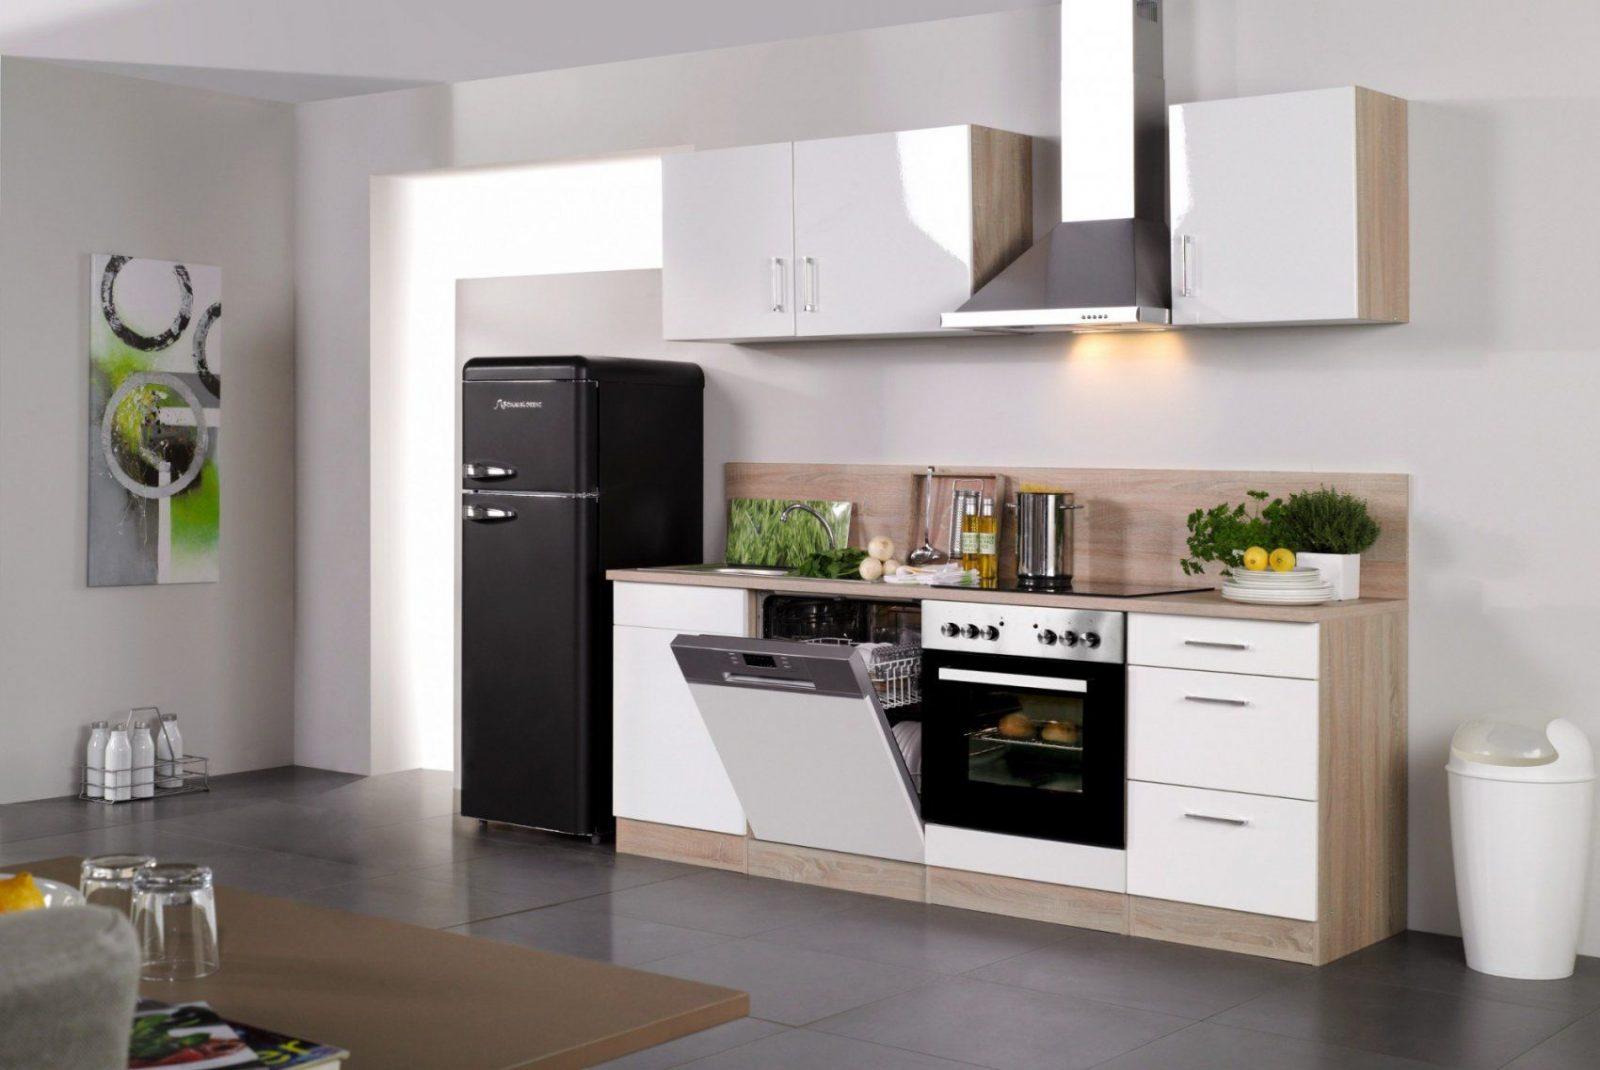 Wohnkultur Küchenzeile 280 Cm Mit Elektrogeräten Held Moebel von Küchenzeile 280 Cm Mit Elektrogeräten Günstig Photo